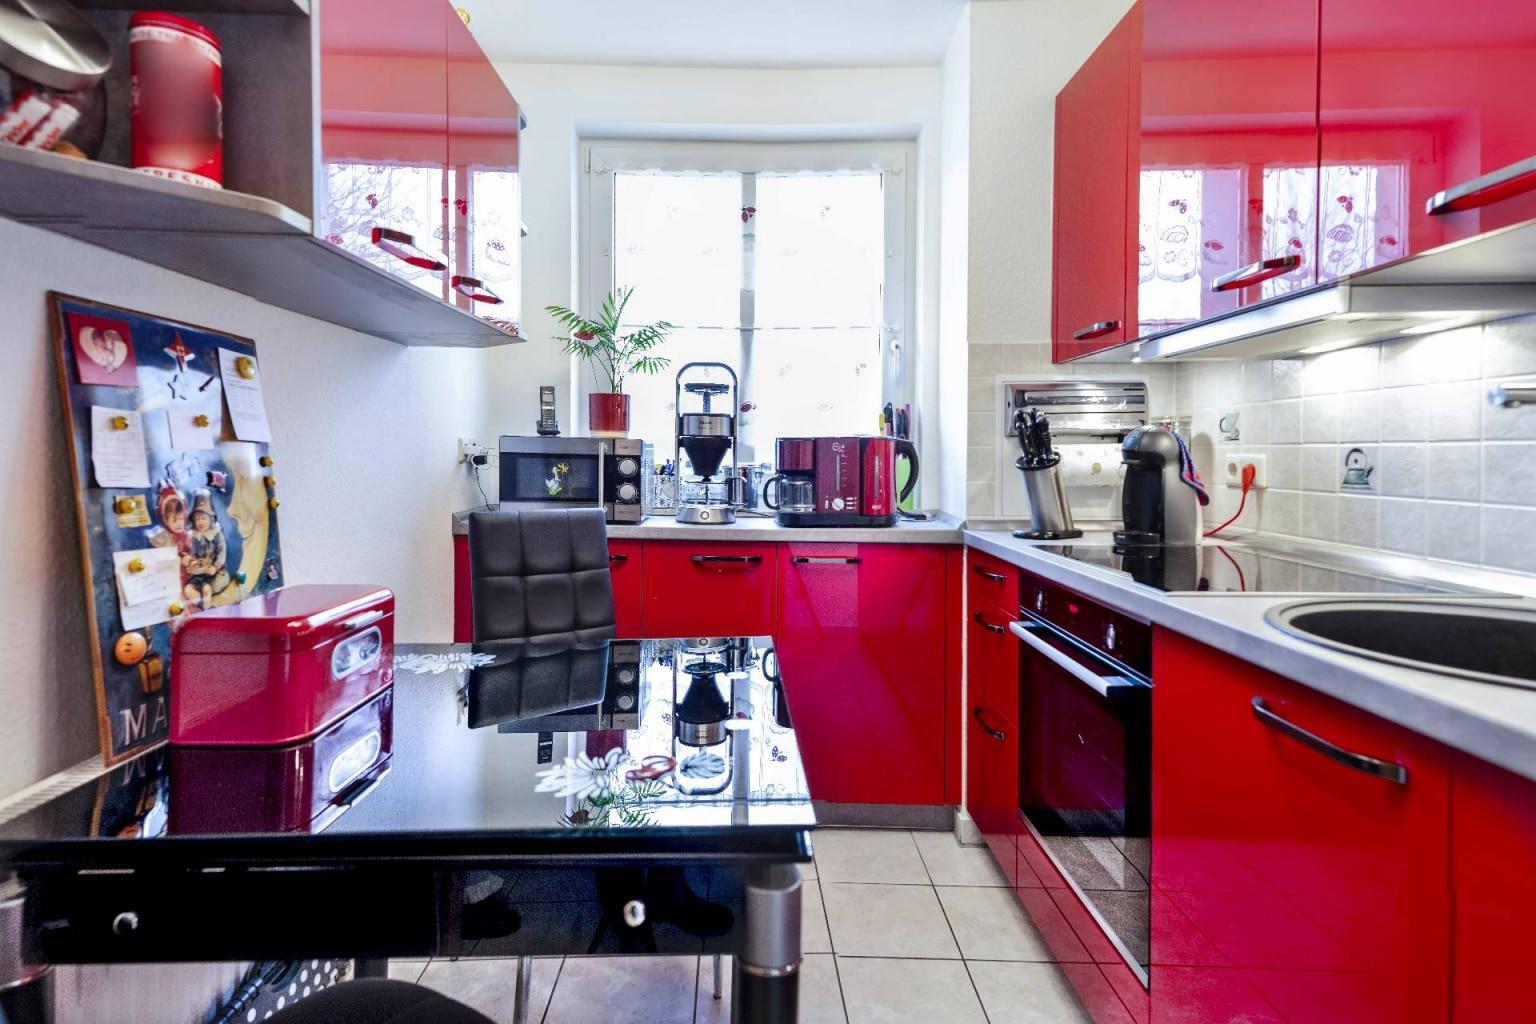 Hochglanz Küche in Echtlack Kirschrot (3)